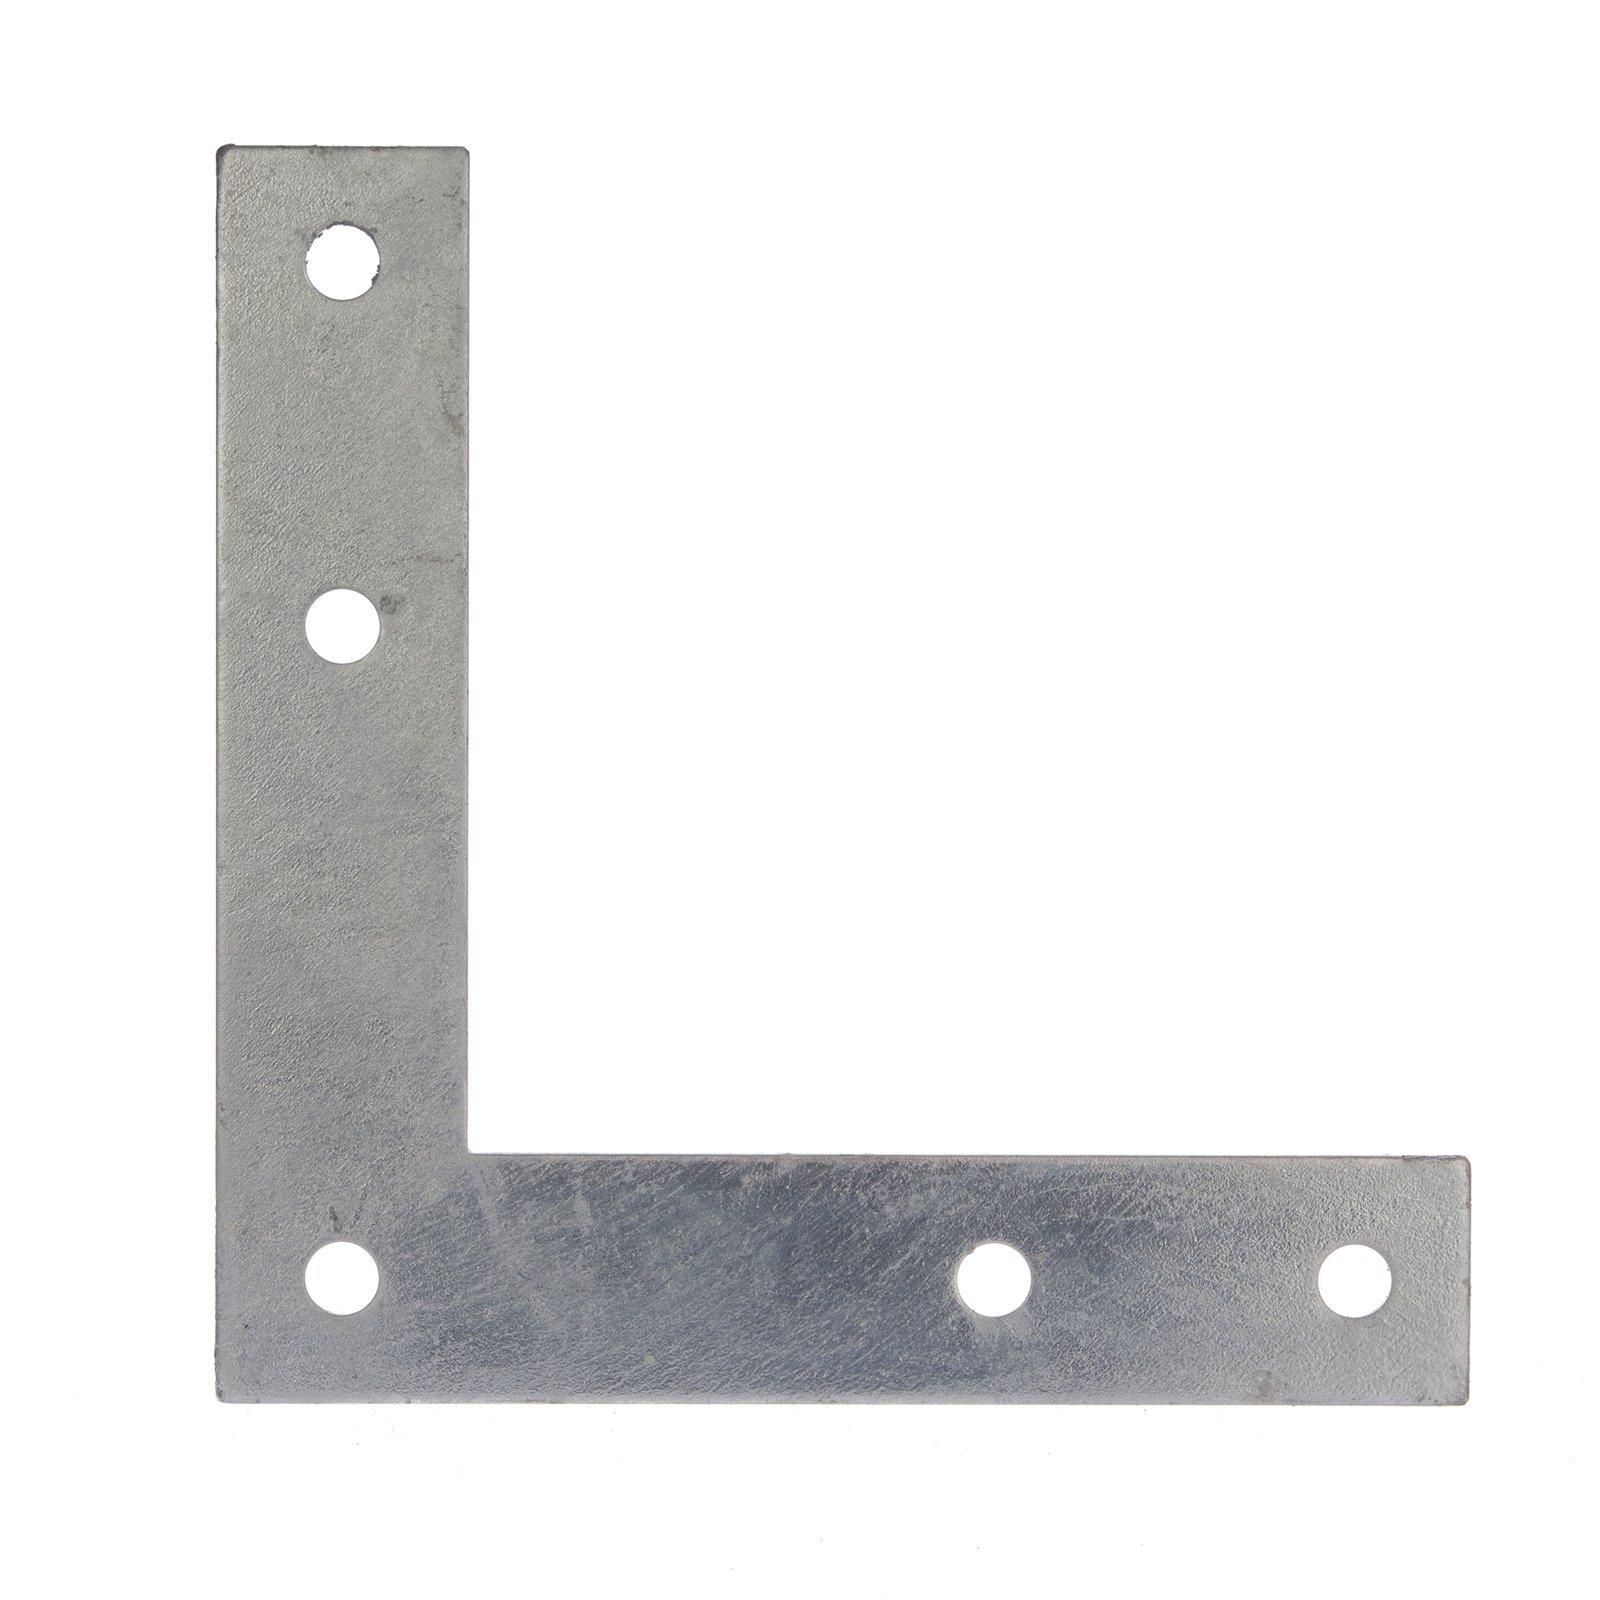 BOWMAC B45 Hot Dip Galvanised Strap